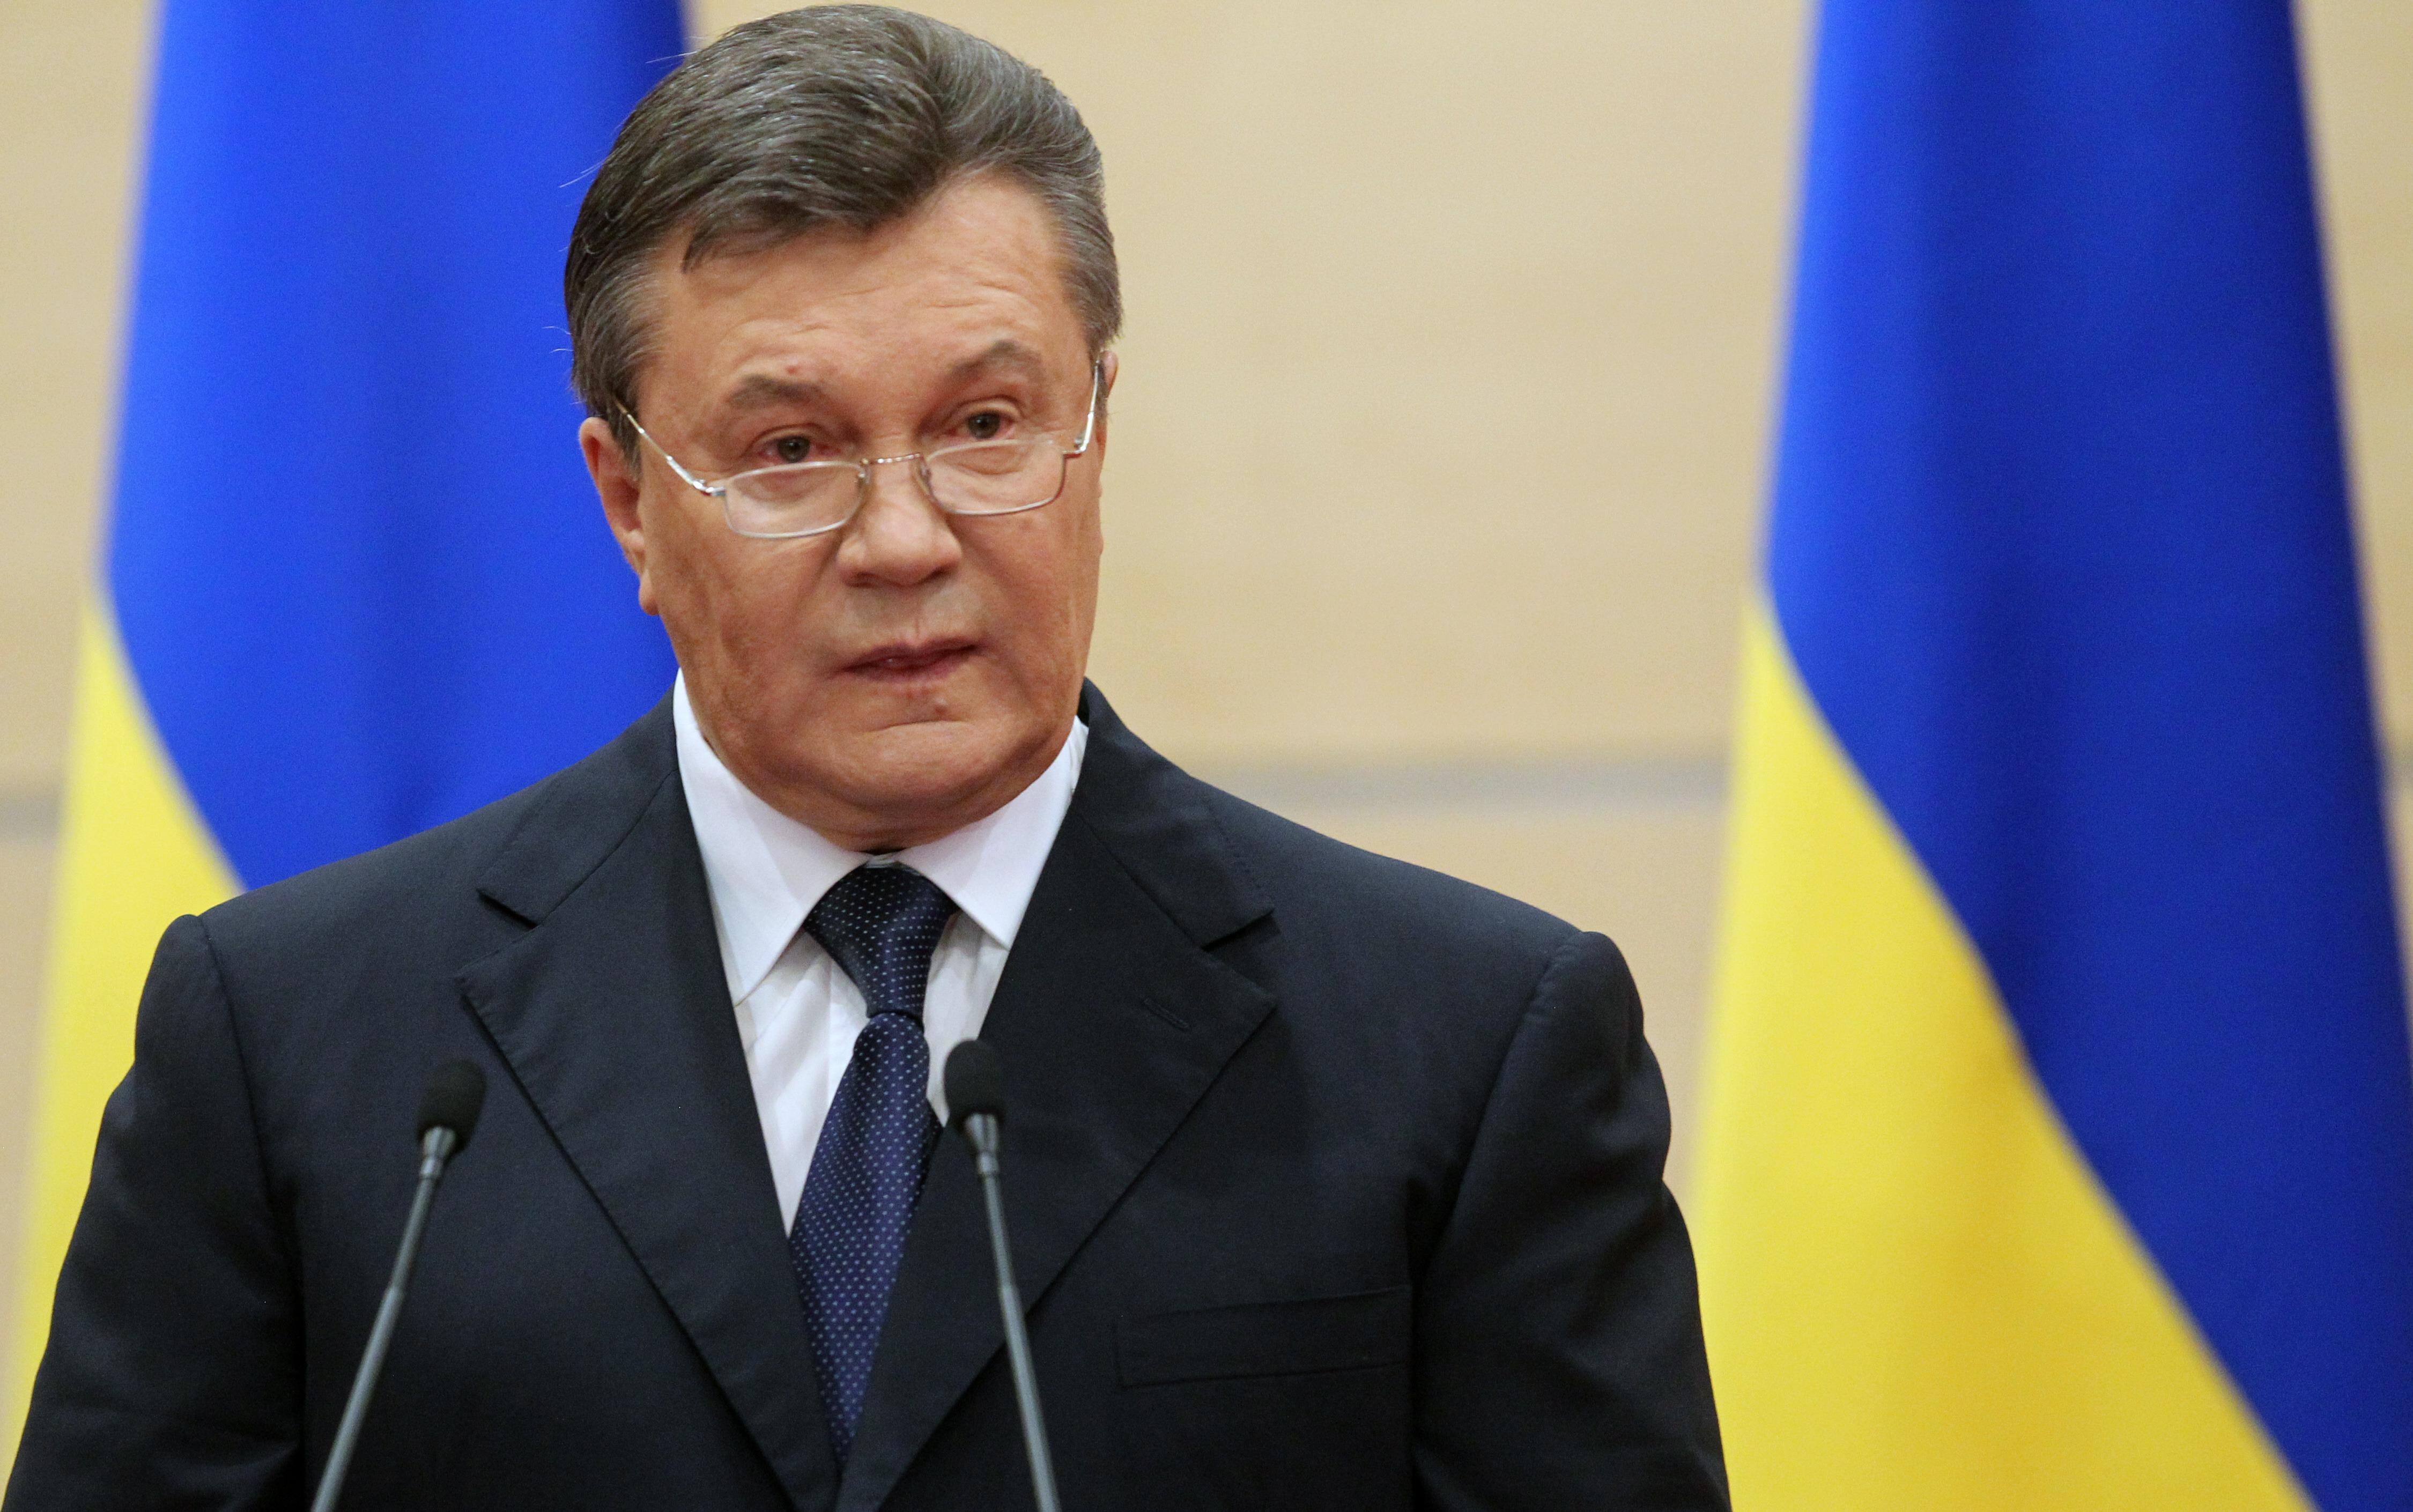 El derrocado presidente Viktor Yanukovych habla en la localidad rusa de Rostov-on-Don./ Sasha Mordovets/Getty